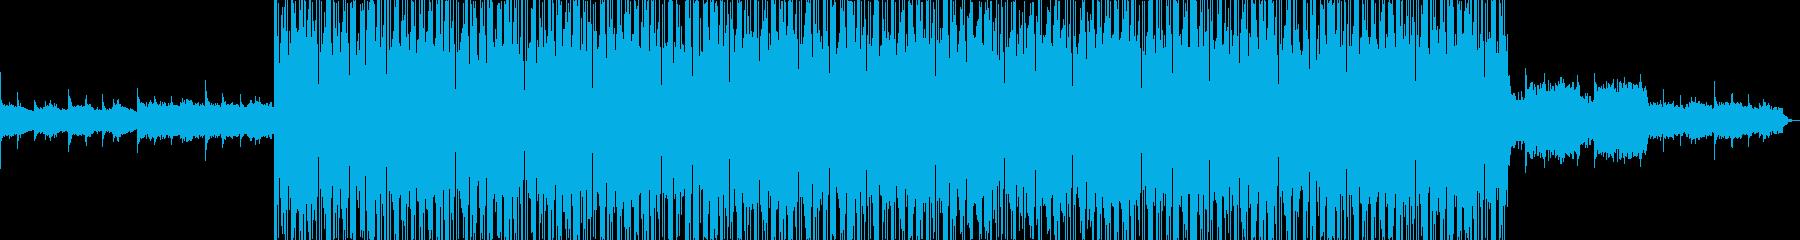 映像向け 壮大なイメージのアンビエントの再生済みの波形